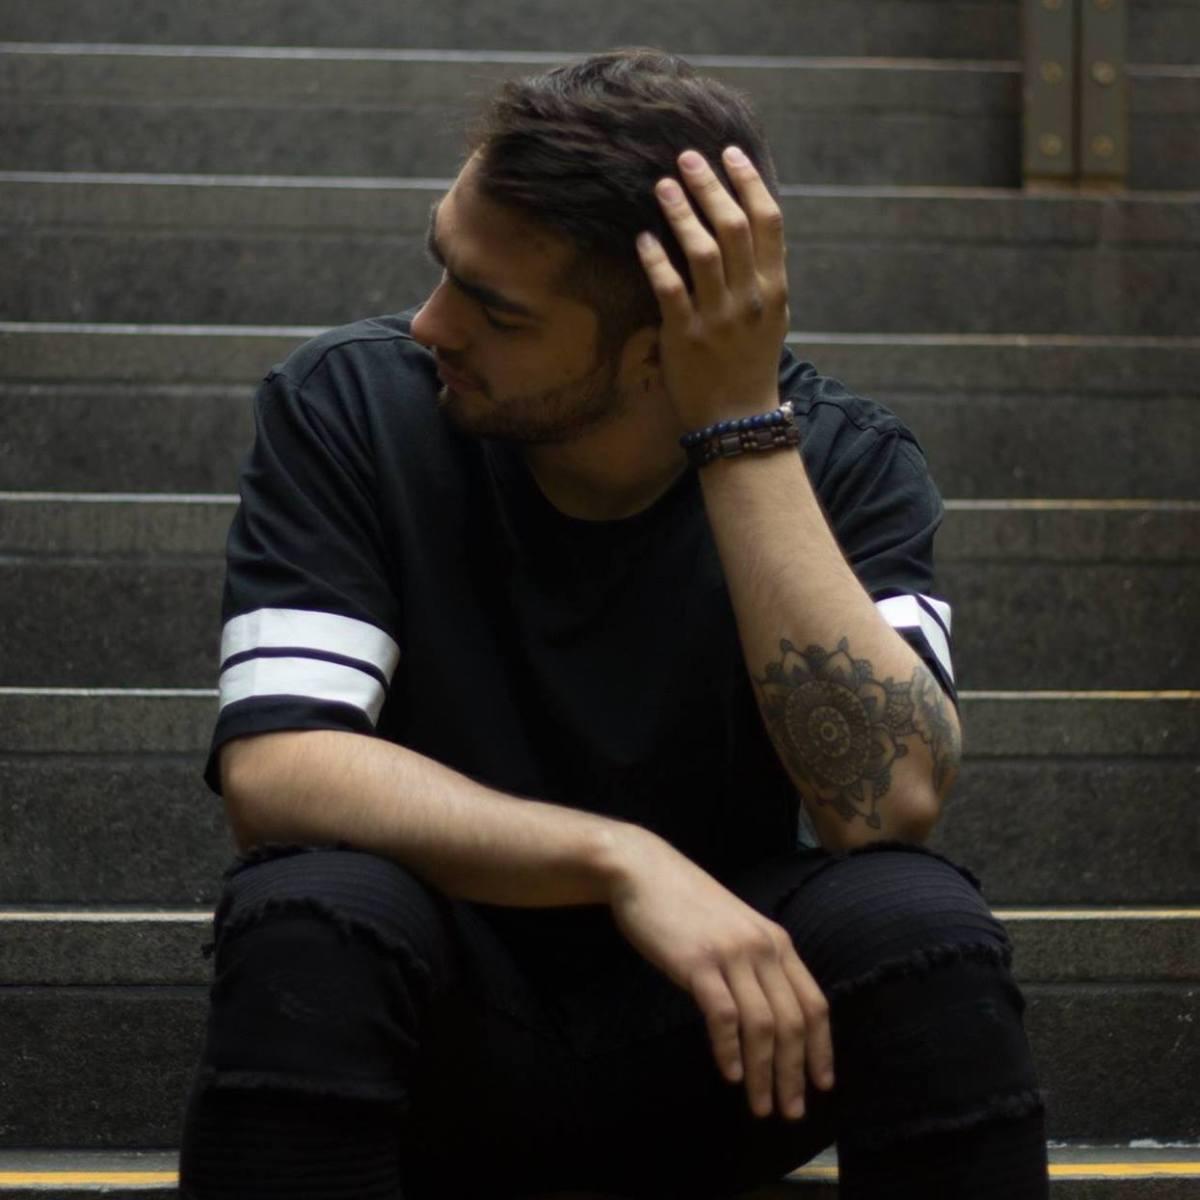 Jóse Pablo Soto to Appear on BIRN Alive